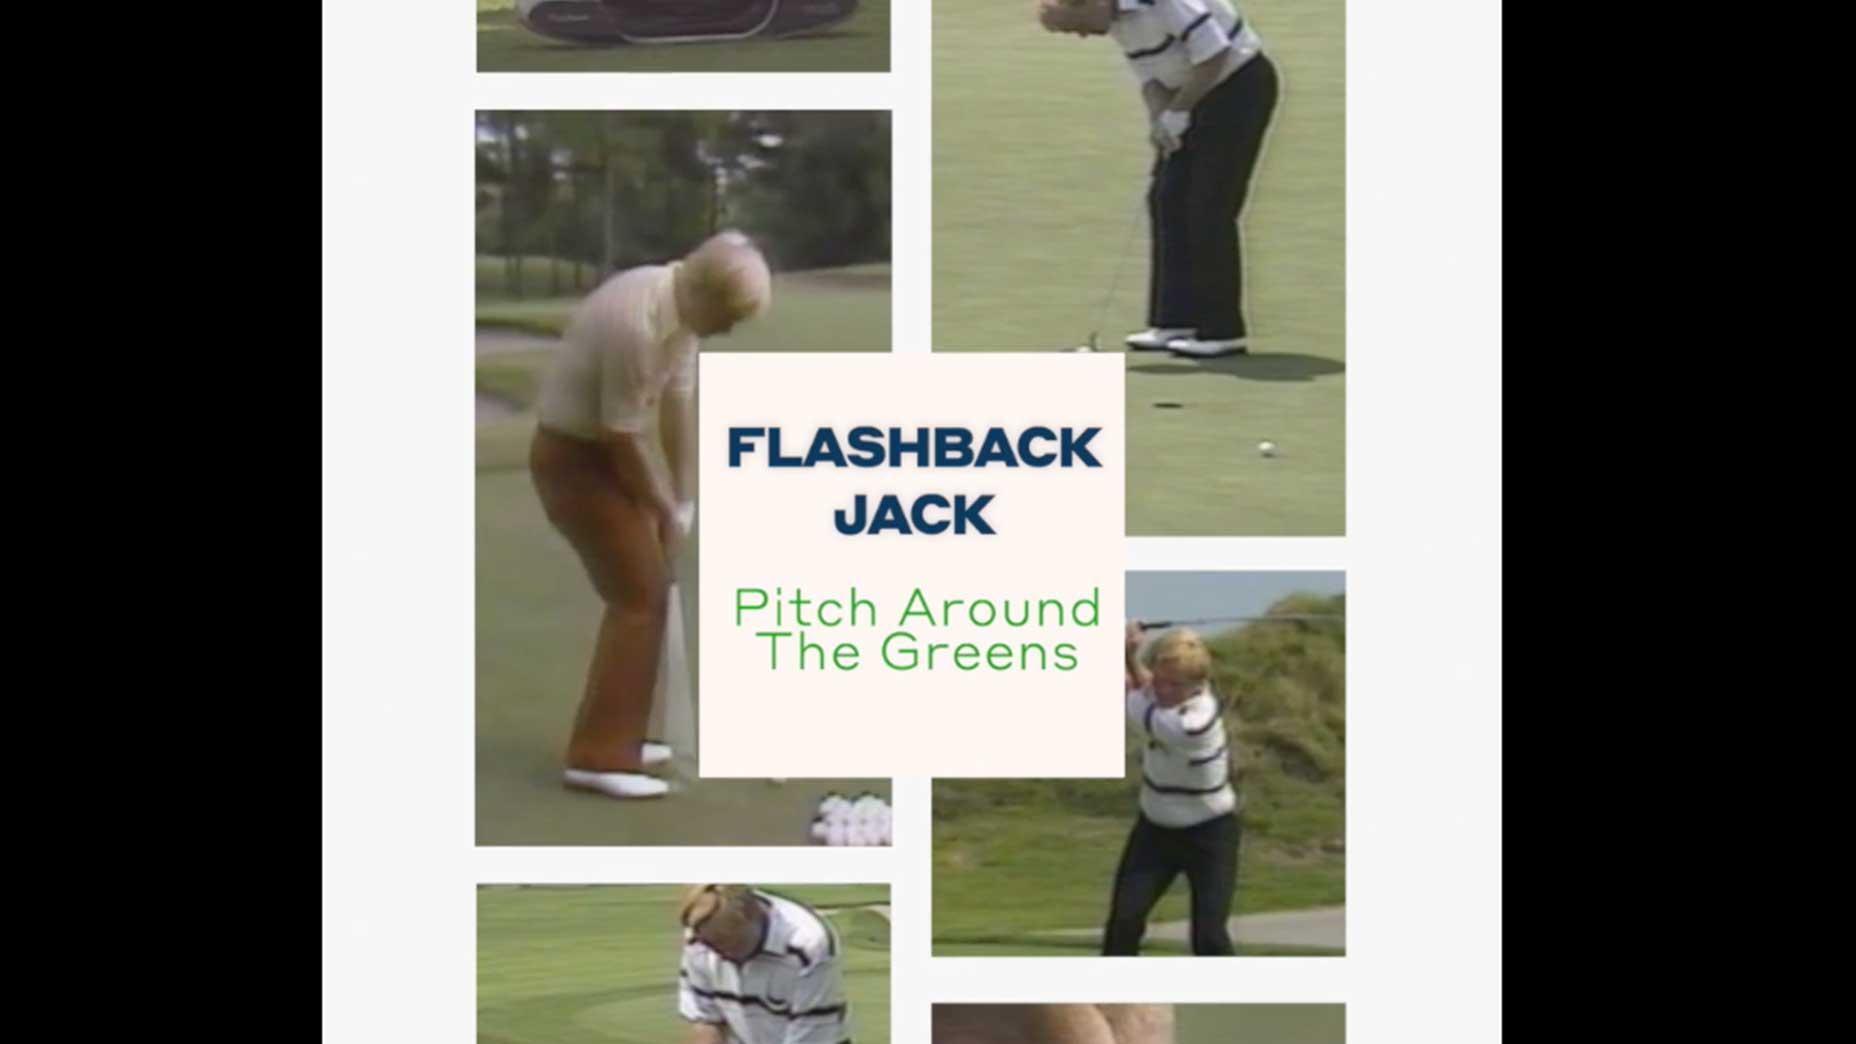 flashback jack short pitches